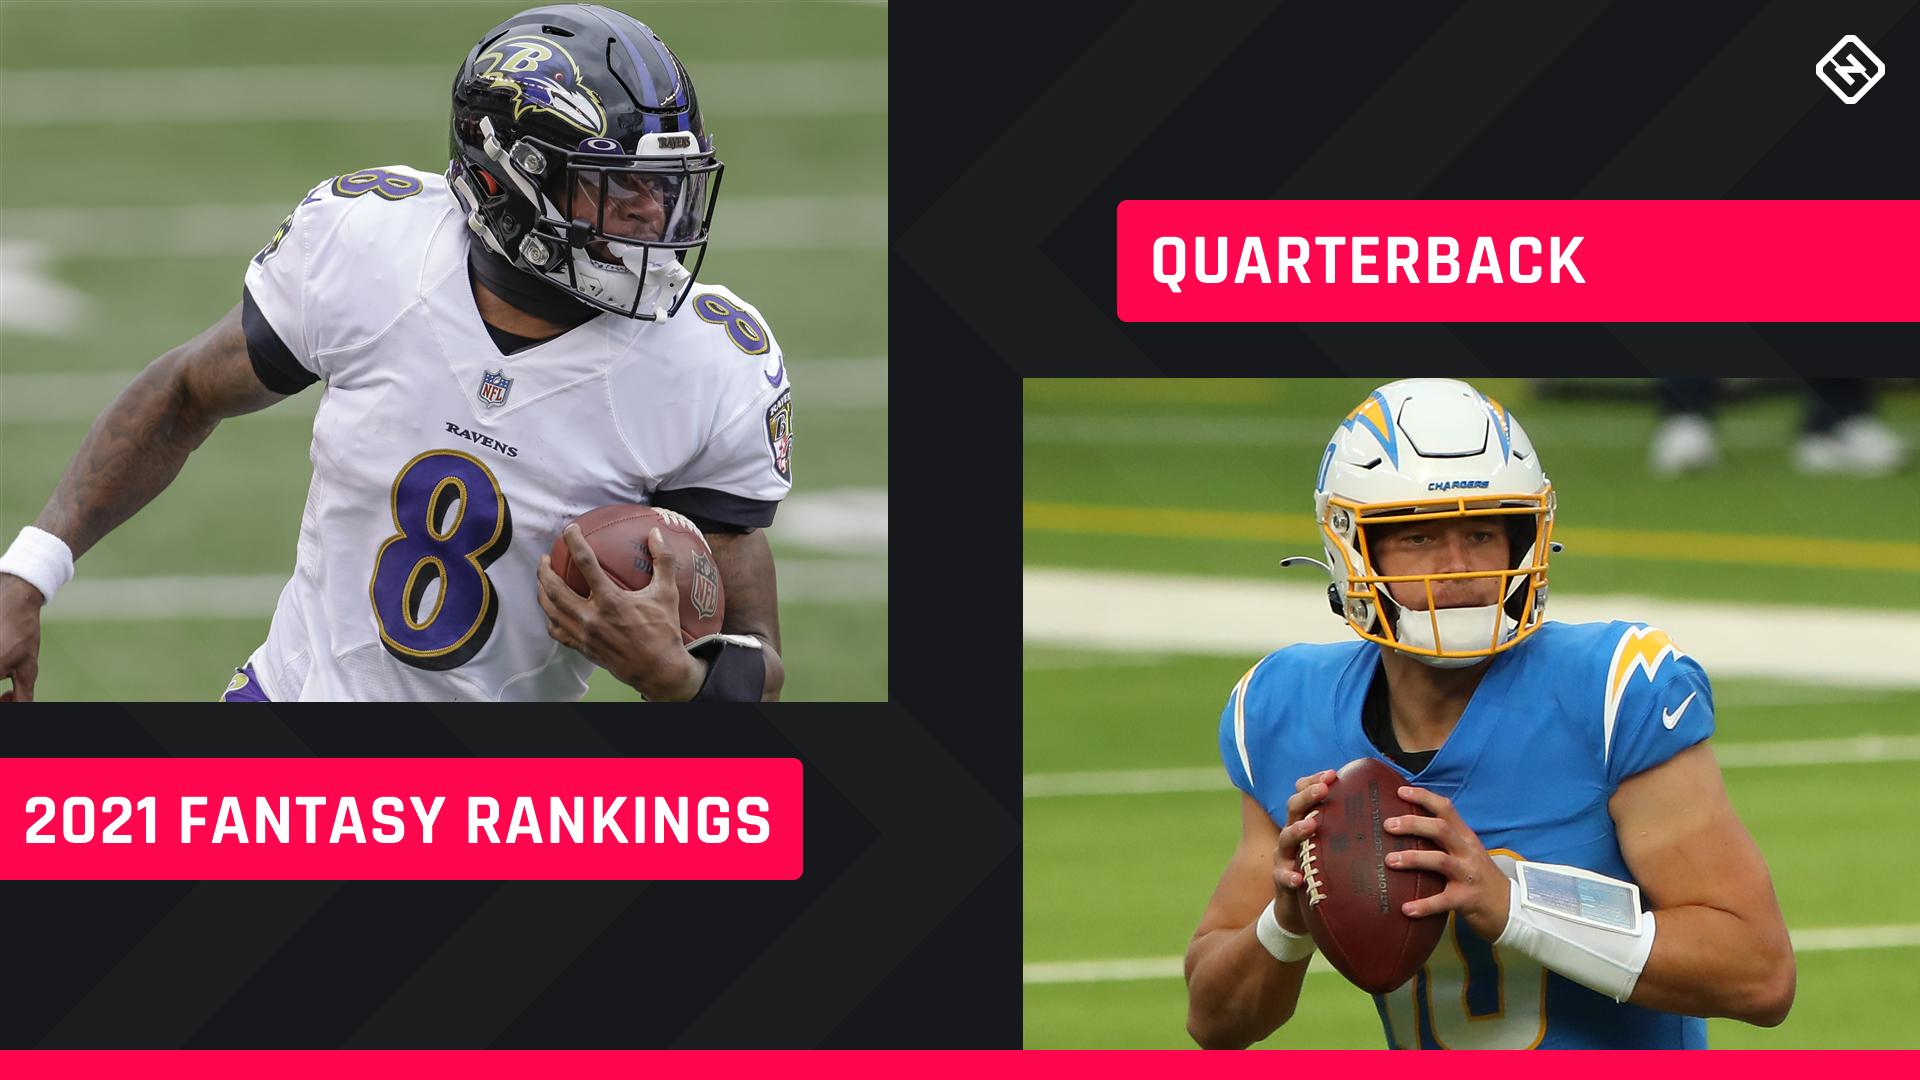 2021 fantasy qb rankings